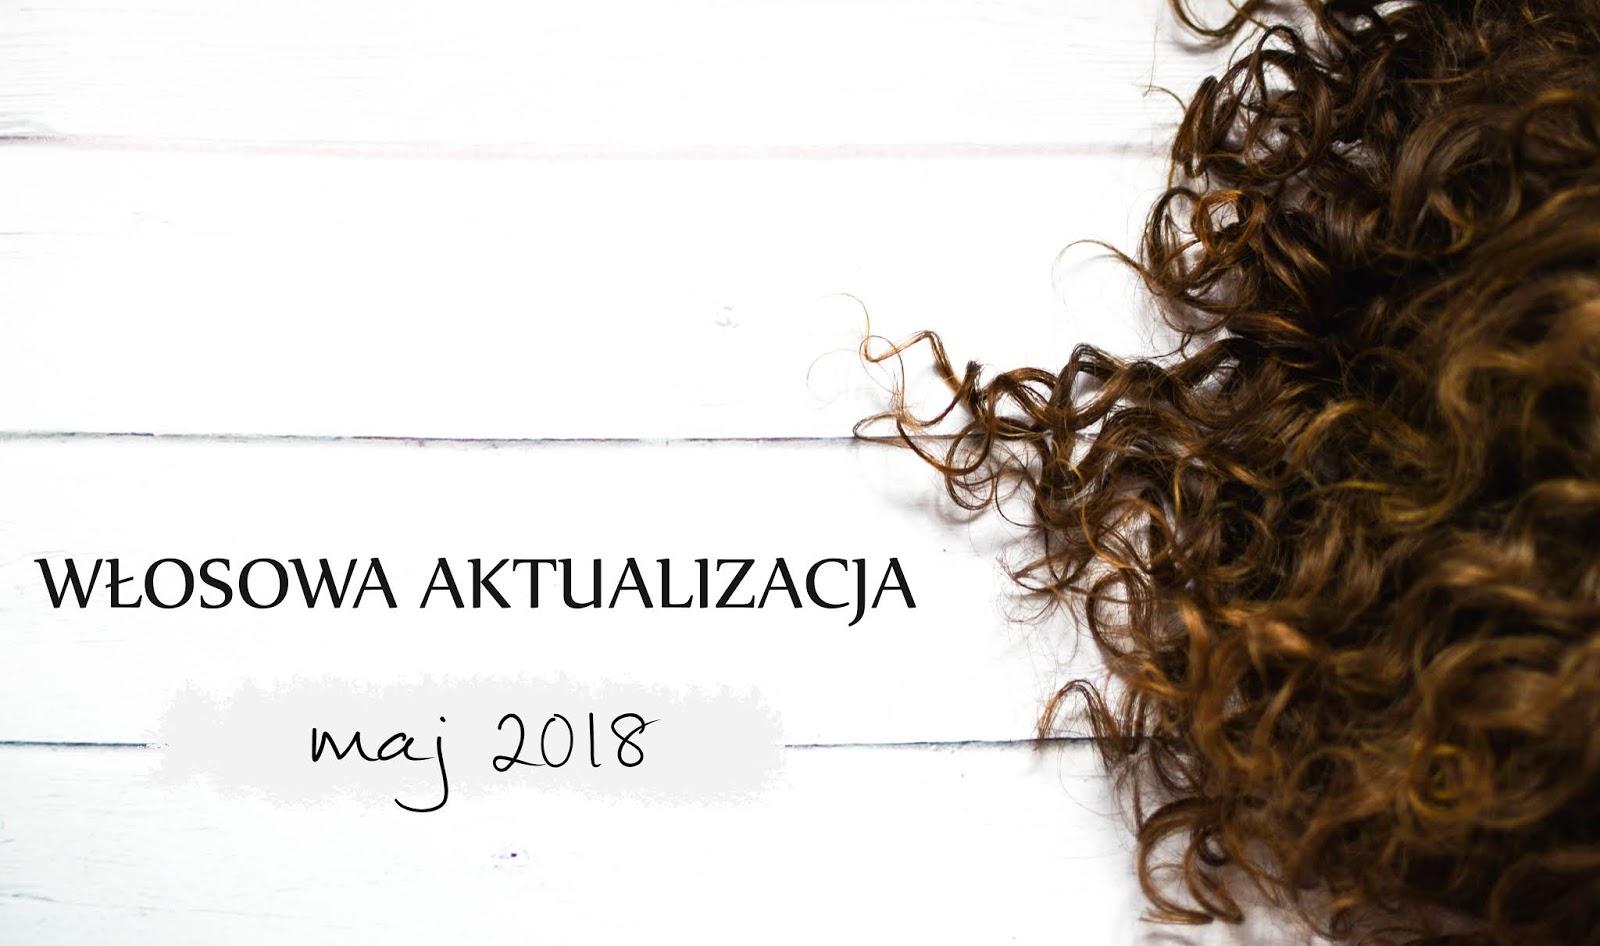 WŁOSOWA AKTUALIZACJA MAJ 2018r.